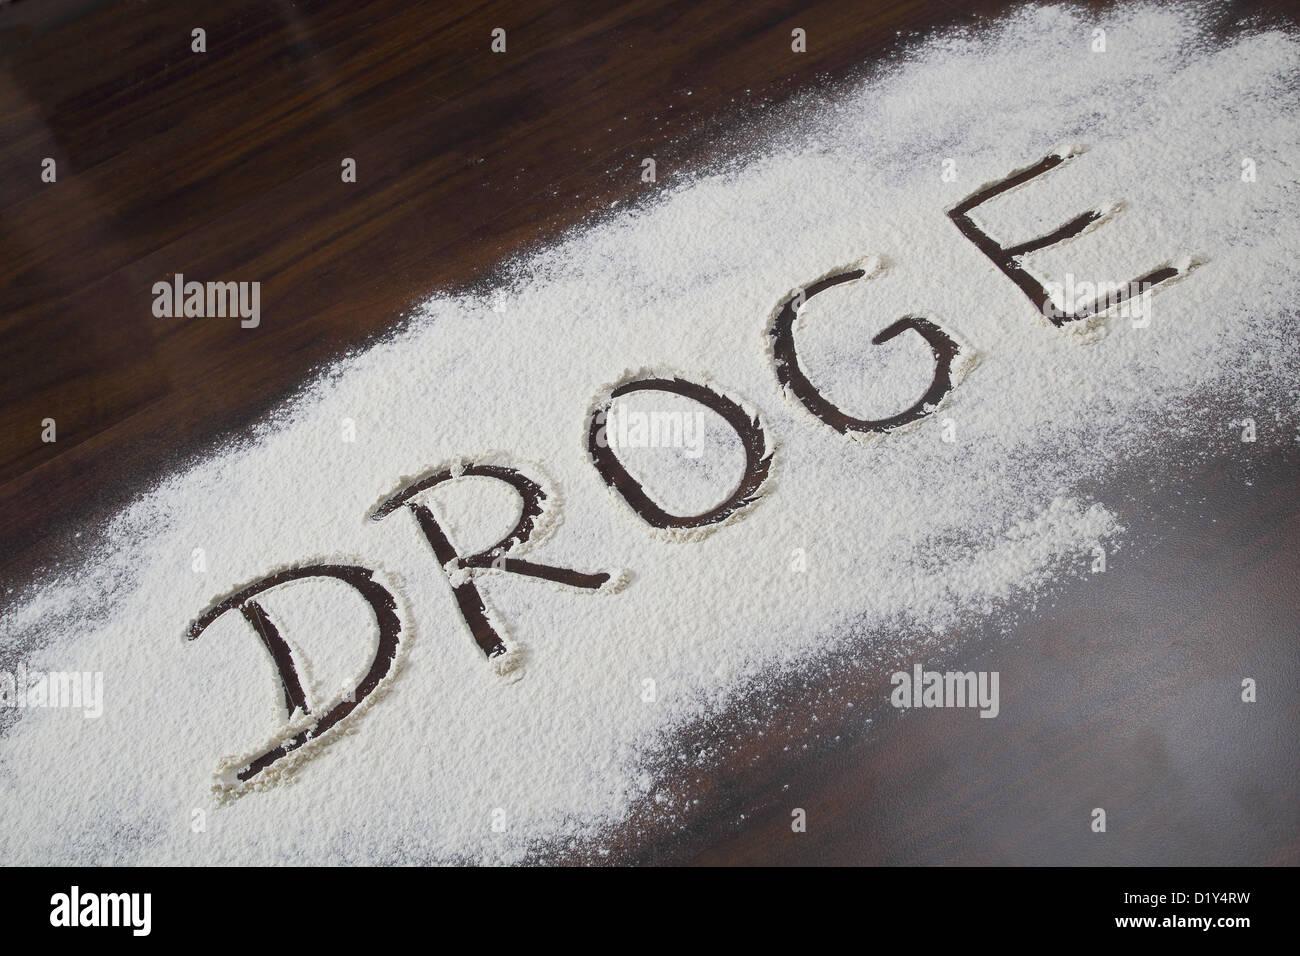 Le mot allemand pour les écrits en poudre blanche Photo Stock